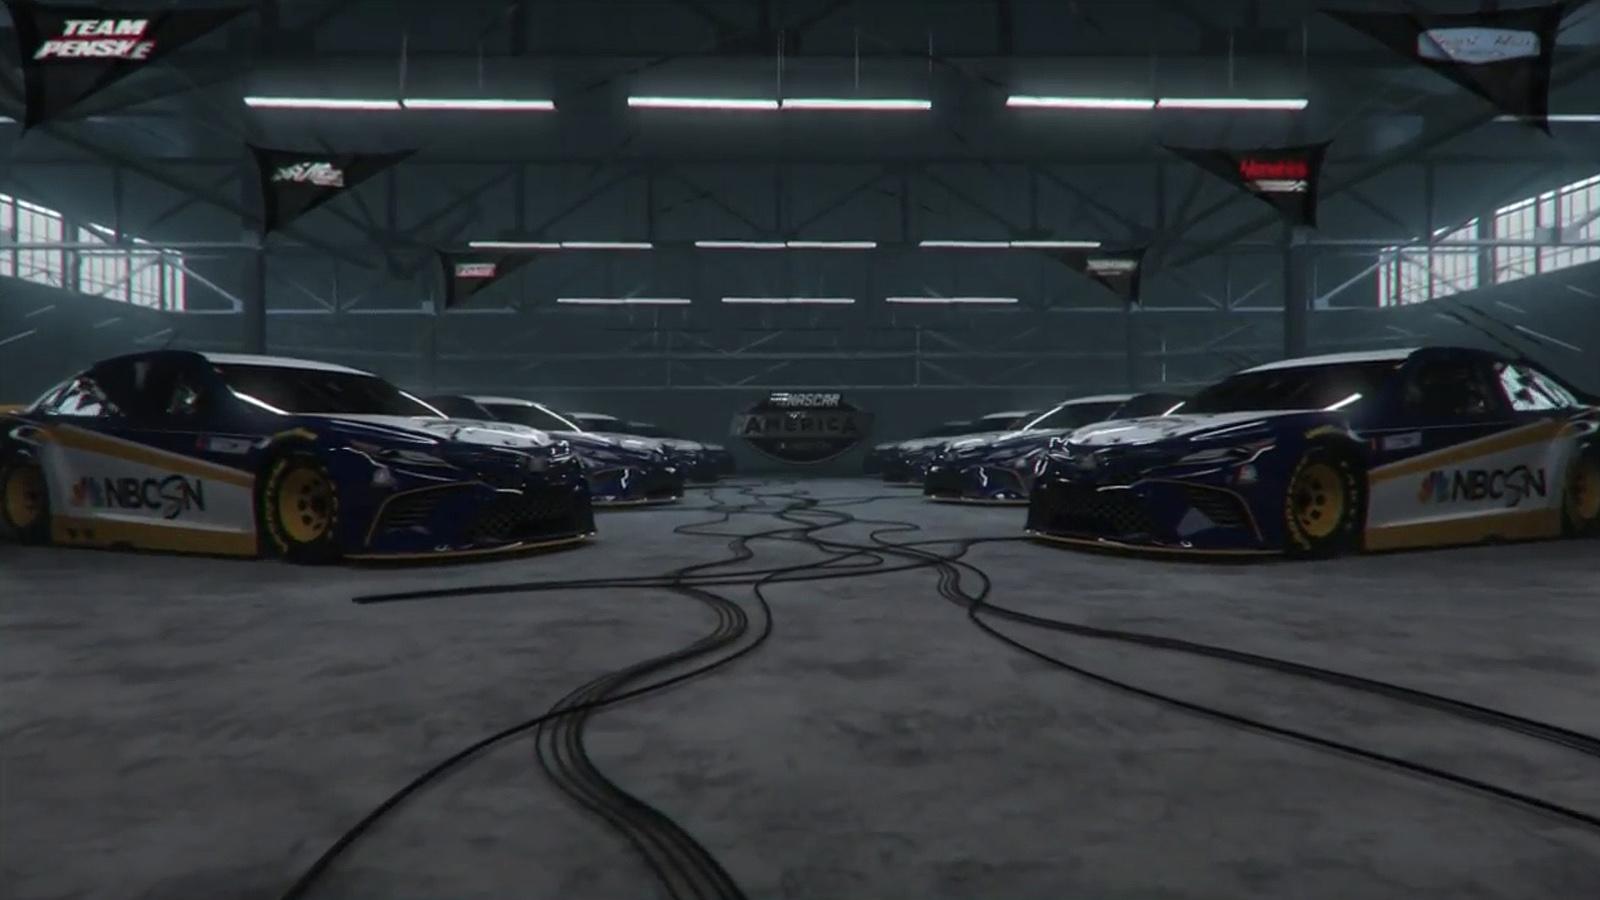 NCS_NASCAR-America-NBCSN_002